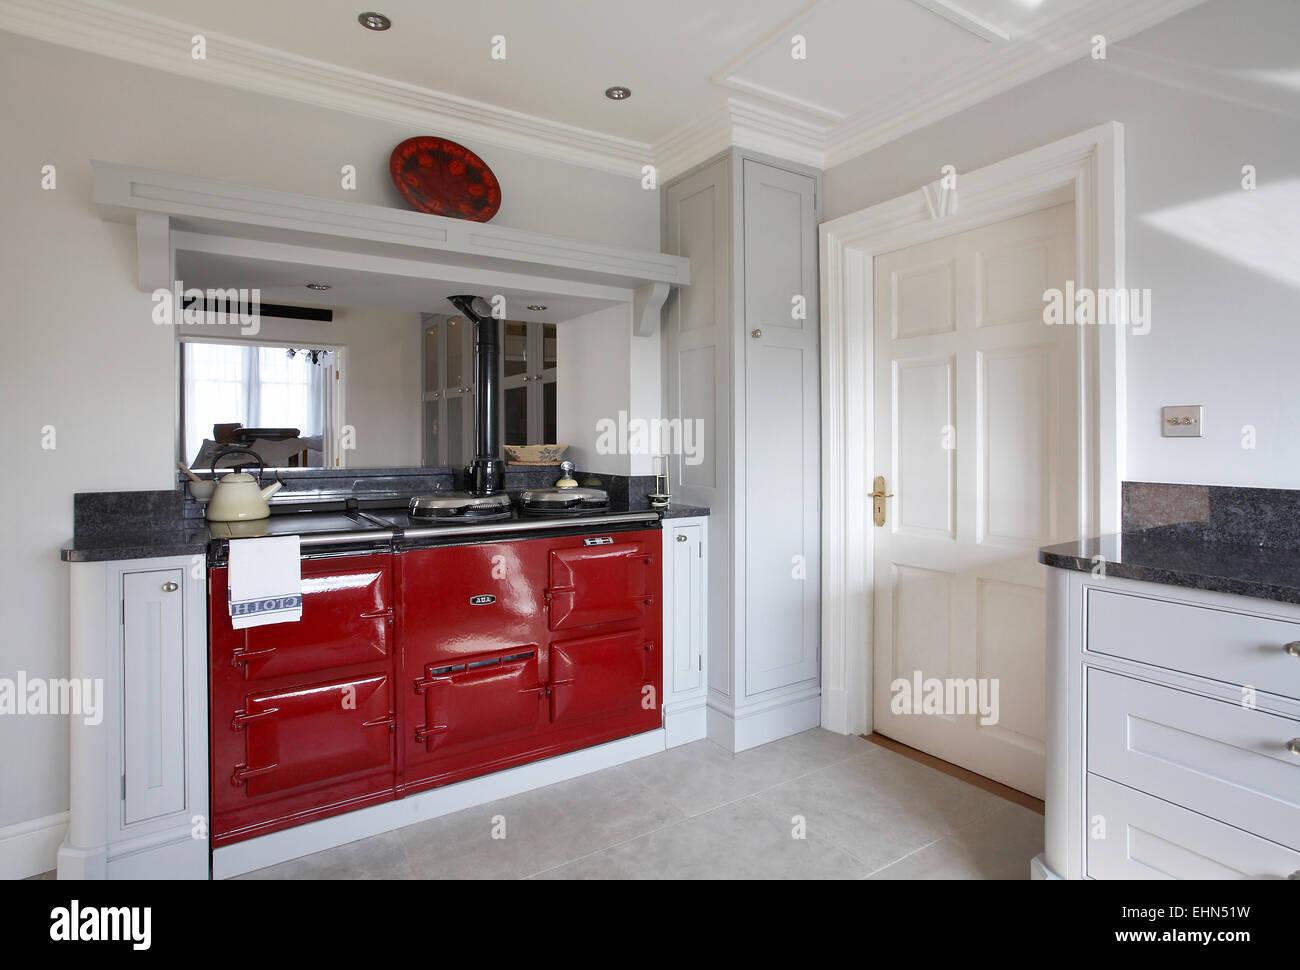 Einem Roten Aga Herd In Einer Modernen Kuche Haus Im Vereinigten Konigreich